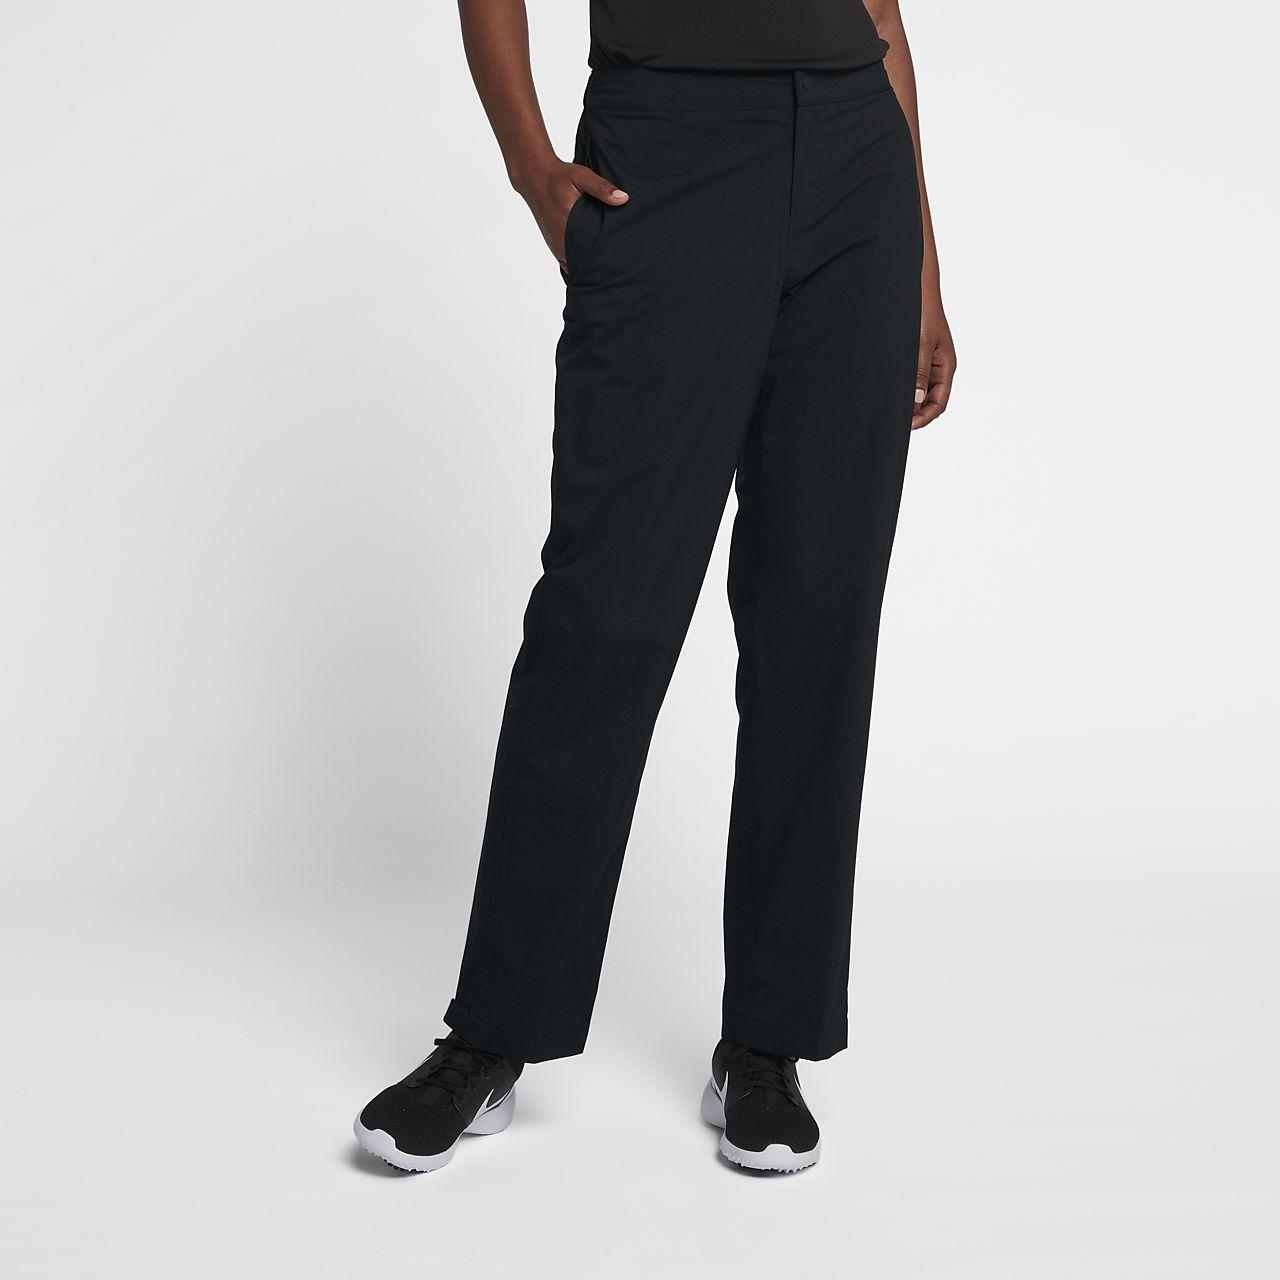 Calças de golfe Nike HyperShield para mulher